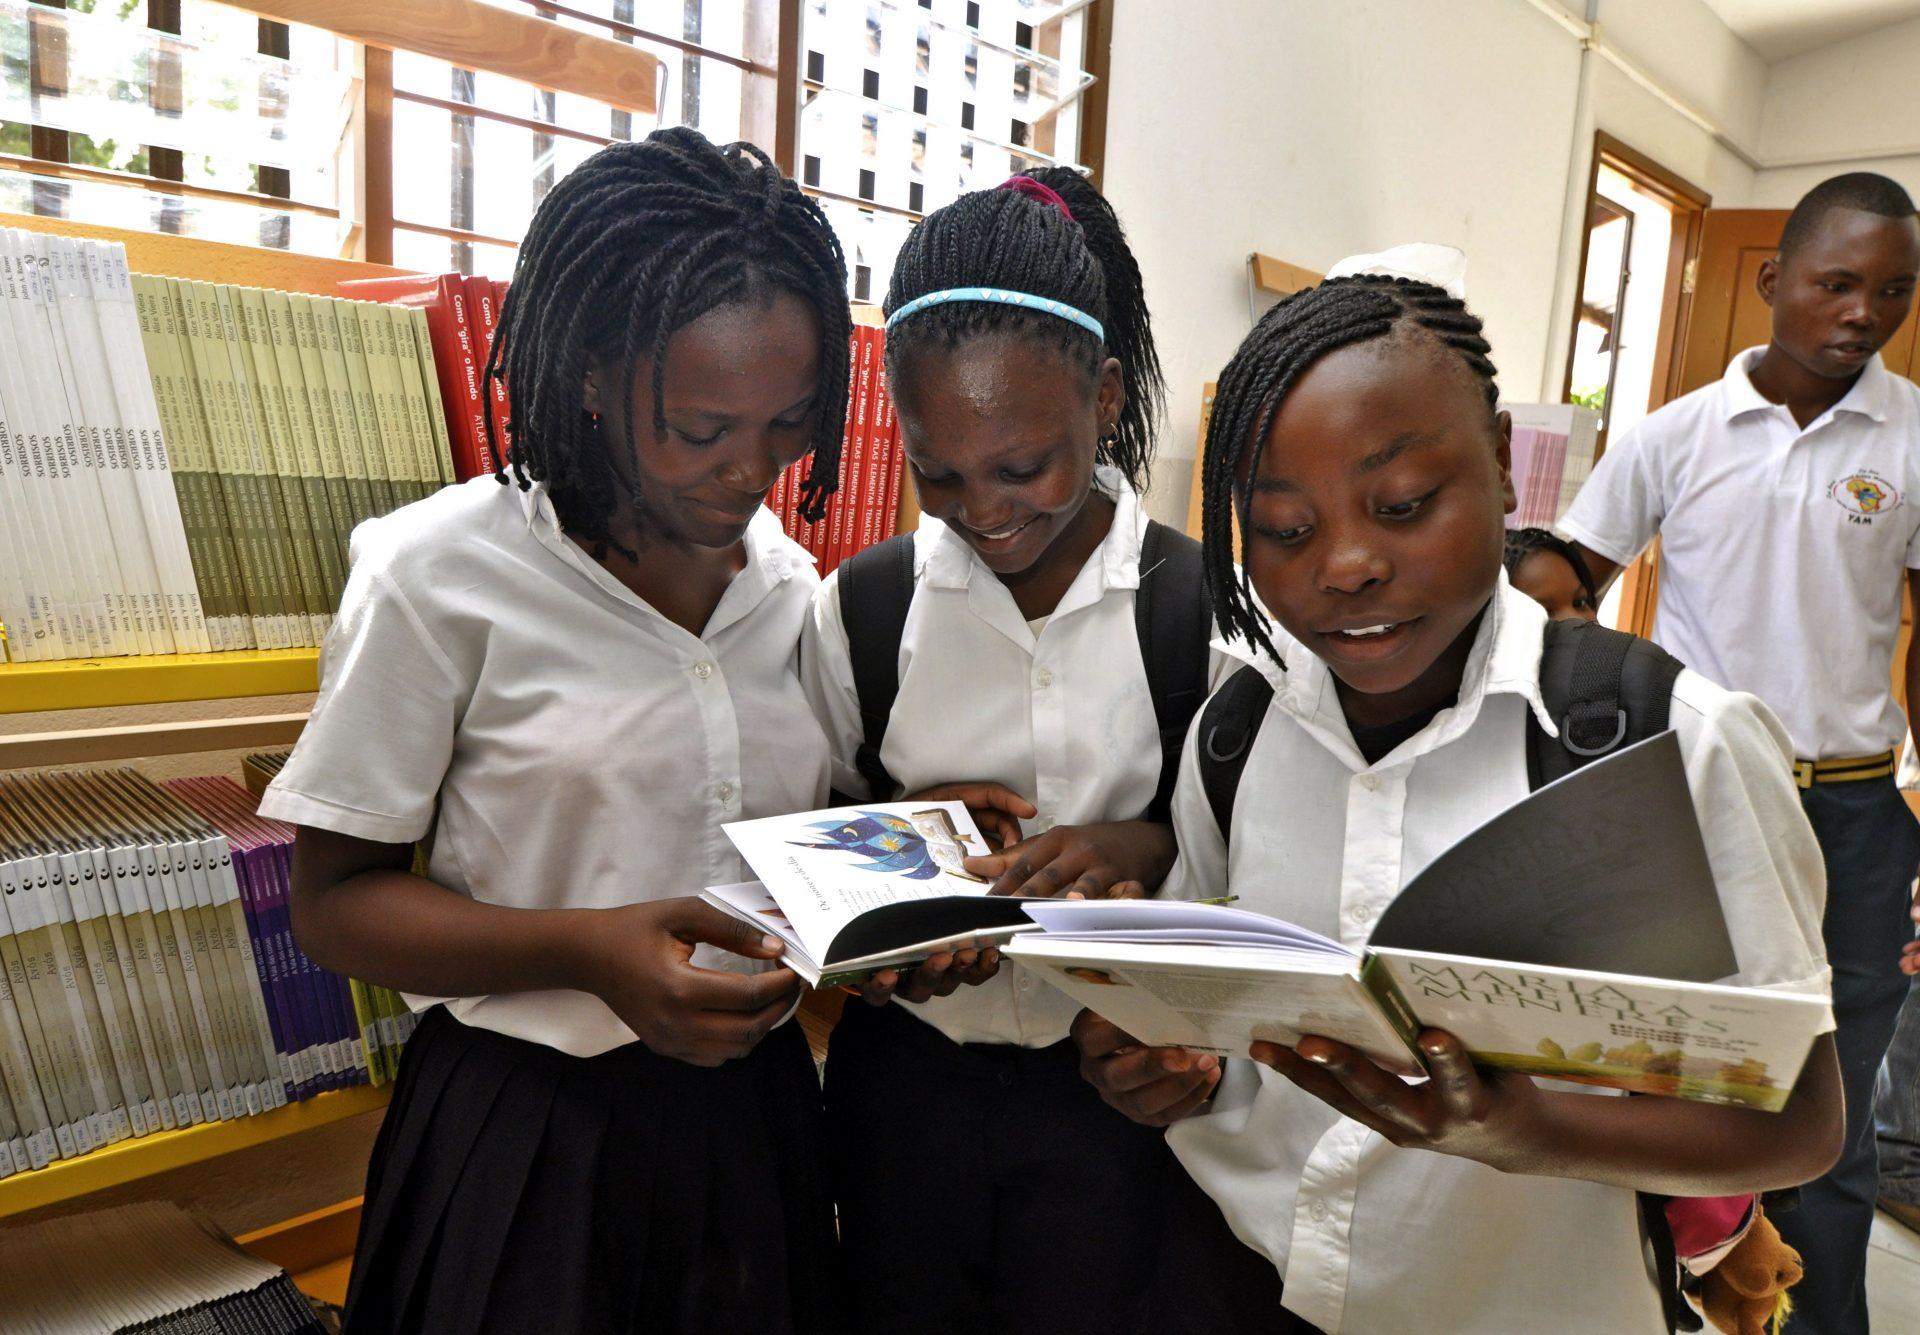 Jovens moçambicanas observam alguns dos livros que se encontram exposto na biblioteca da Escola Polana caniço, inaugurada hoje em Maputo, Moçambique, 15 de abril de 2011. ANTÓNIO SILVA/LUSA